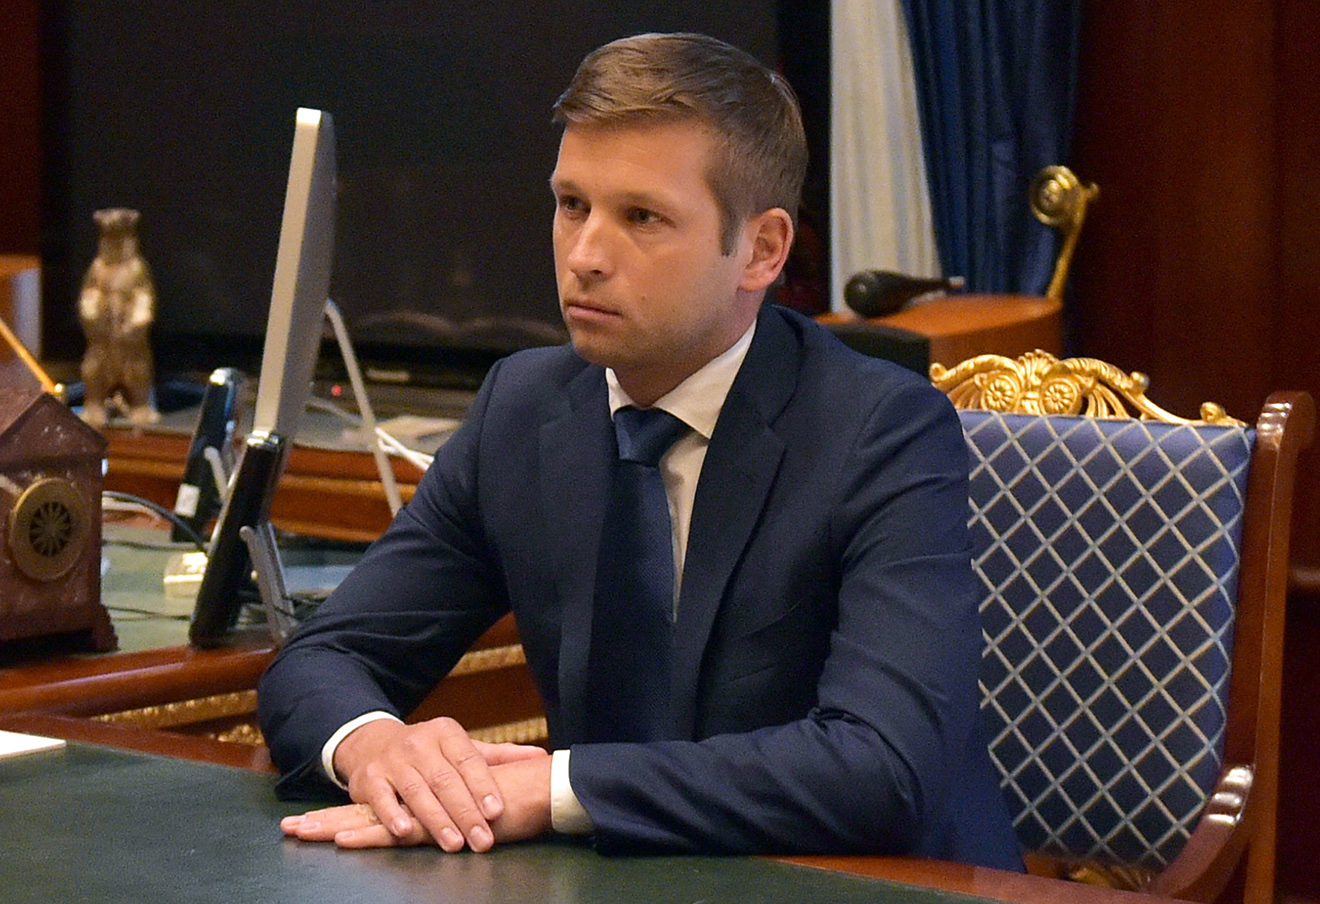 Глава Росимущества Дмитрий Пристансков. Фото: Александр Астафьев / ТАСС